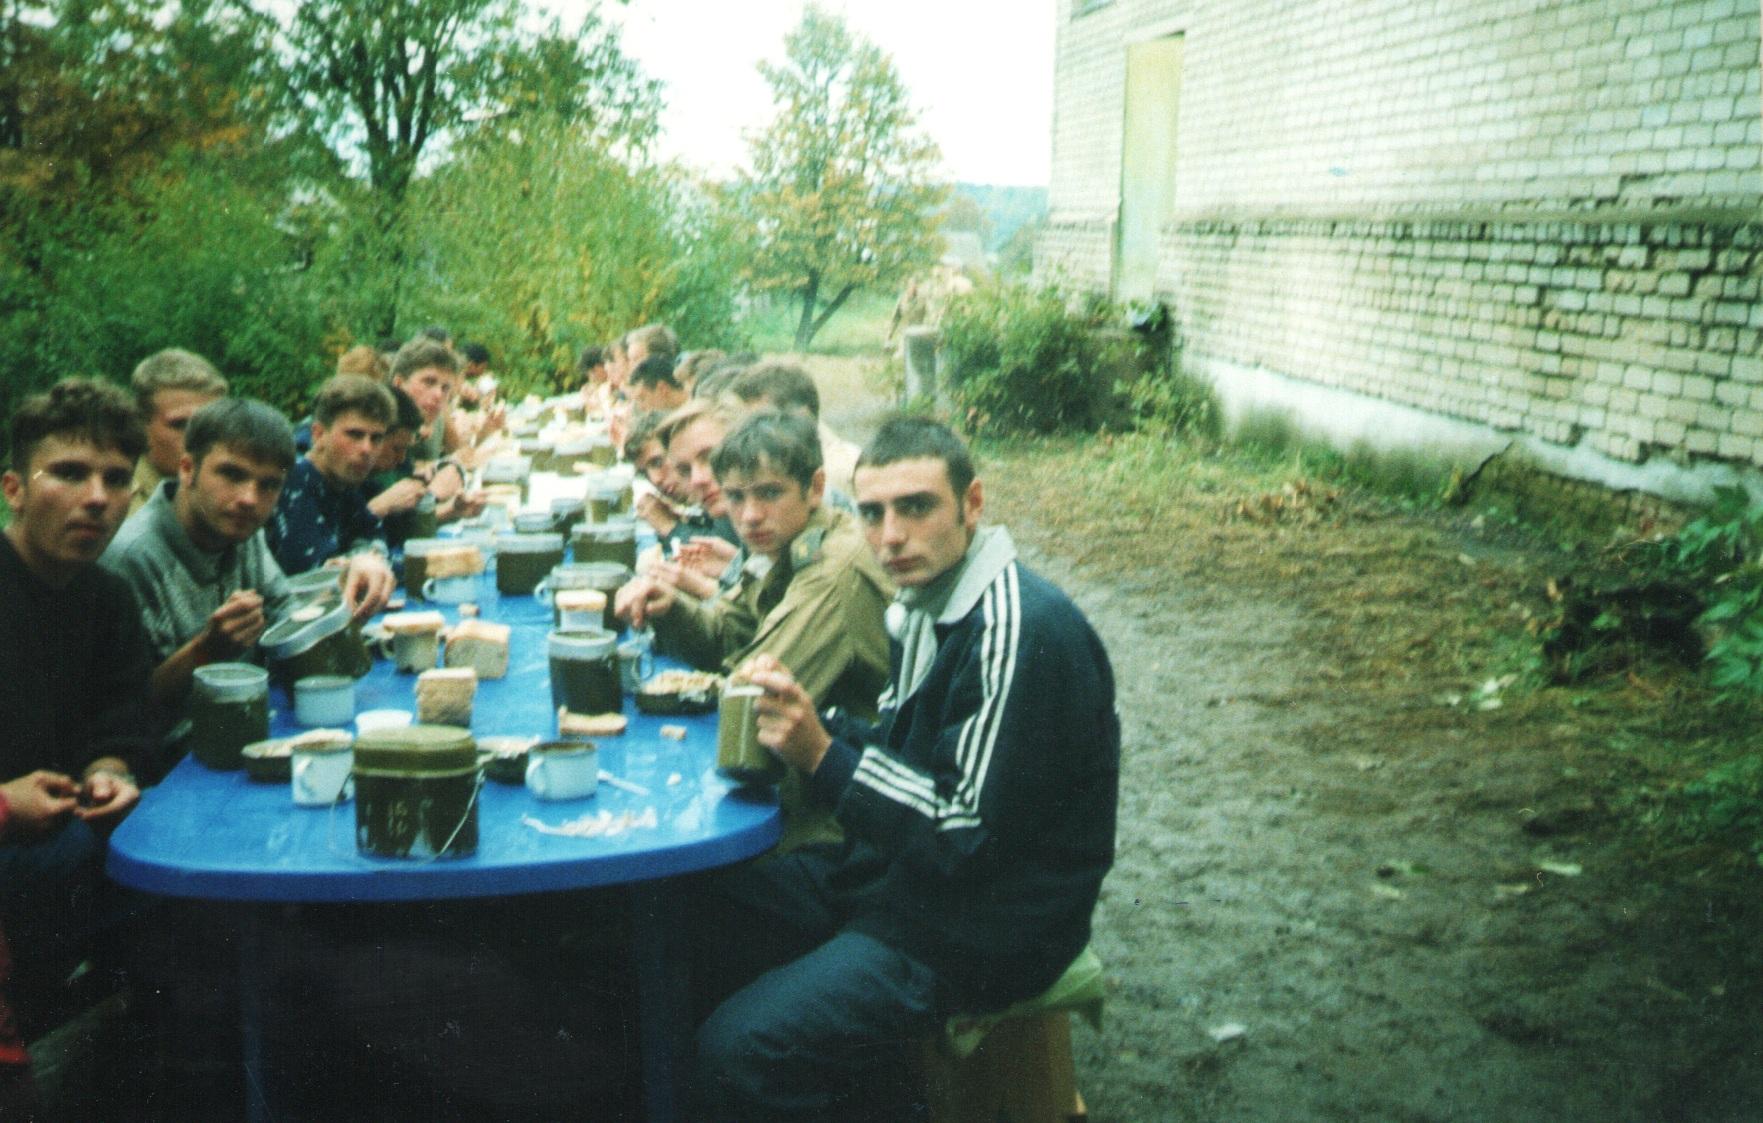 Сентябрь 1999 Панское. Обед